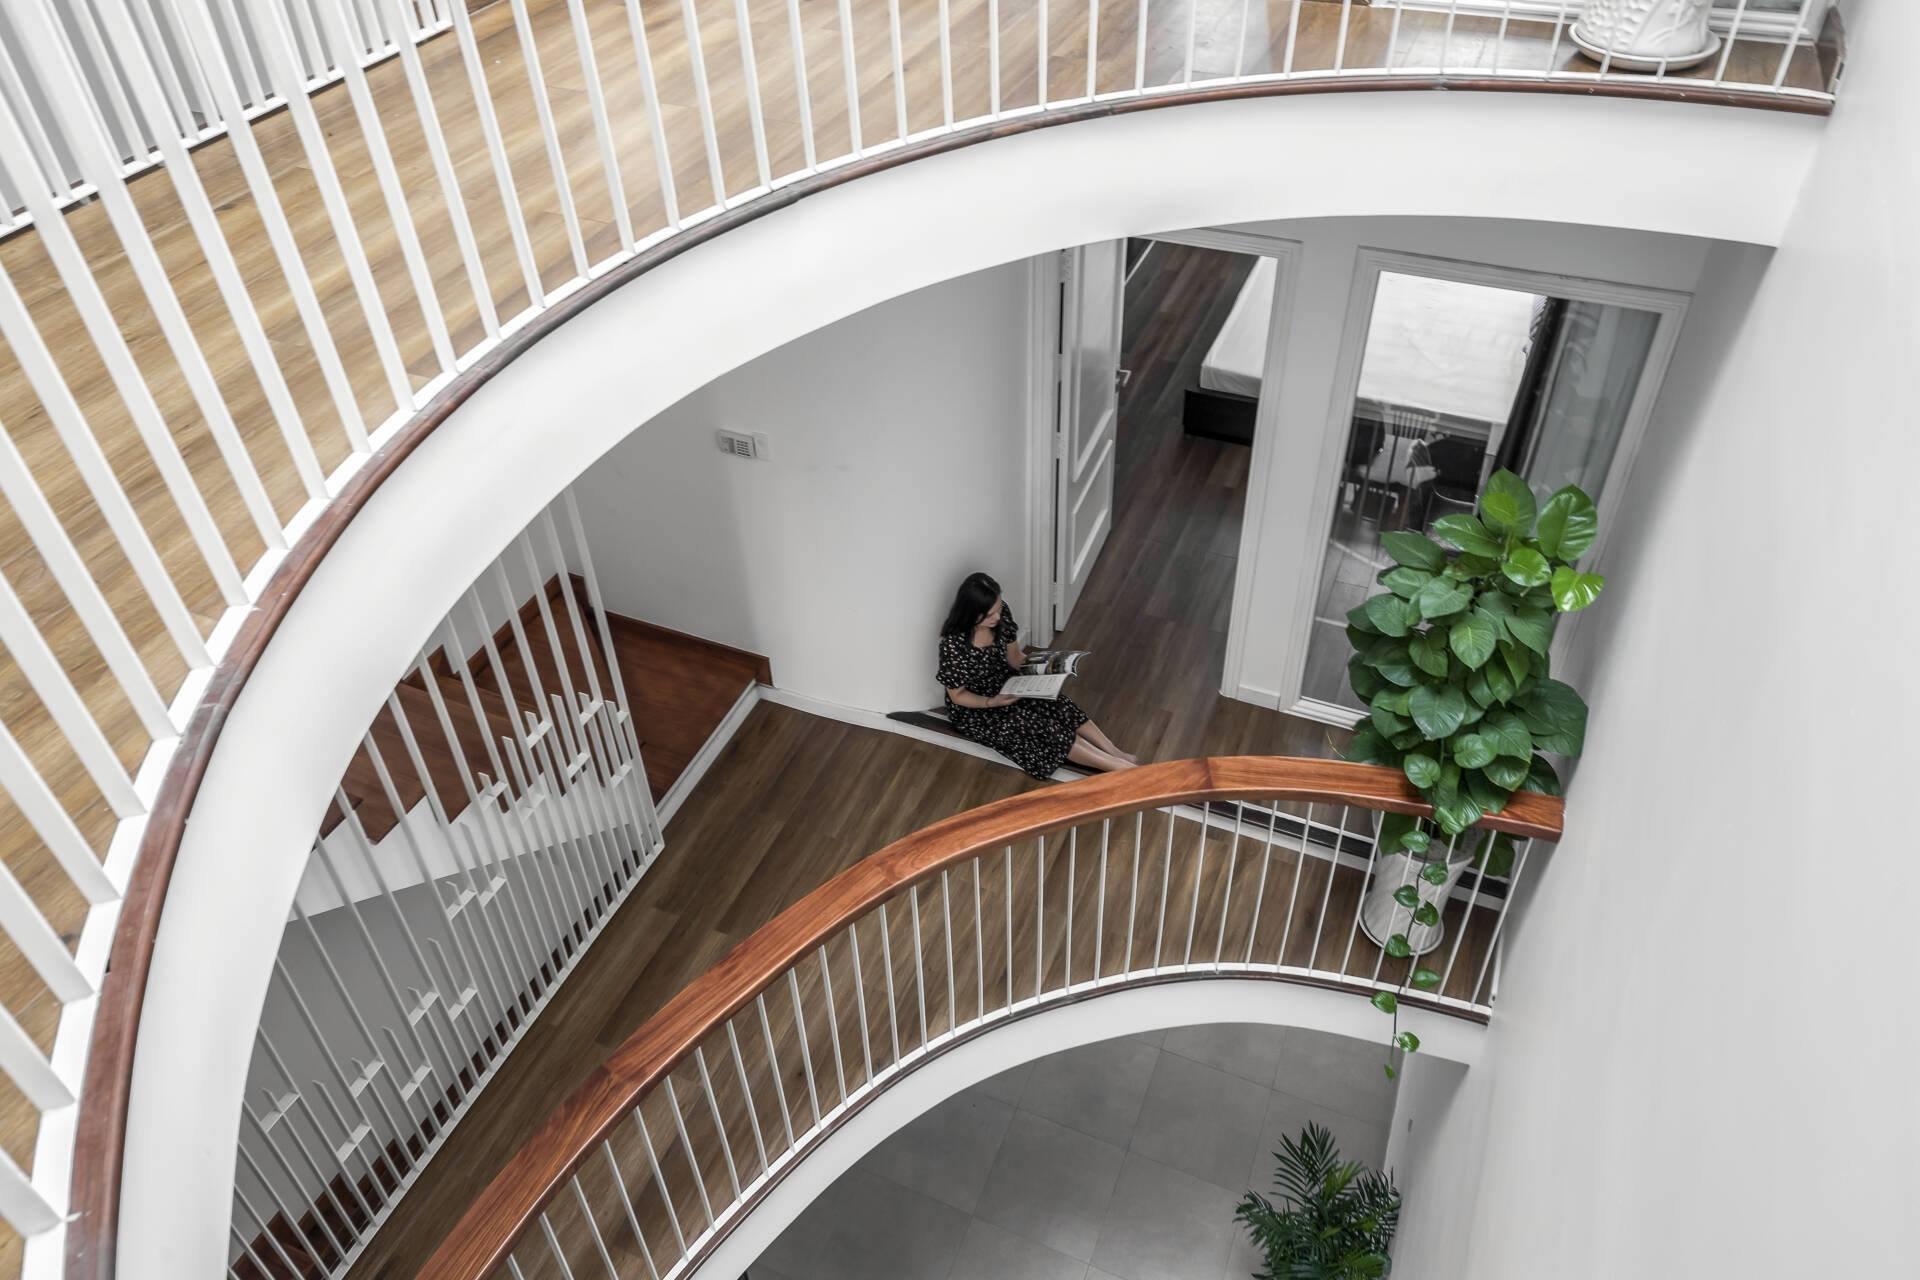 thiết kế lan can cầu thang các tầng đẹp mắt